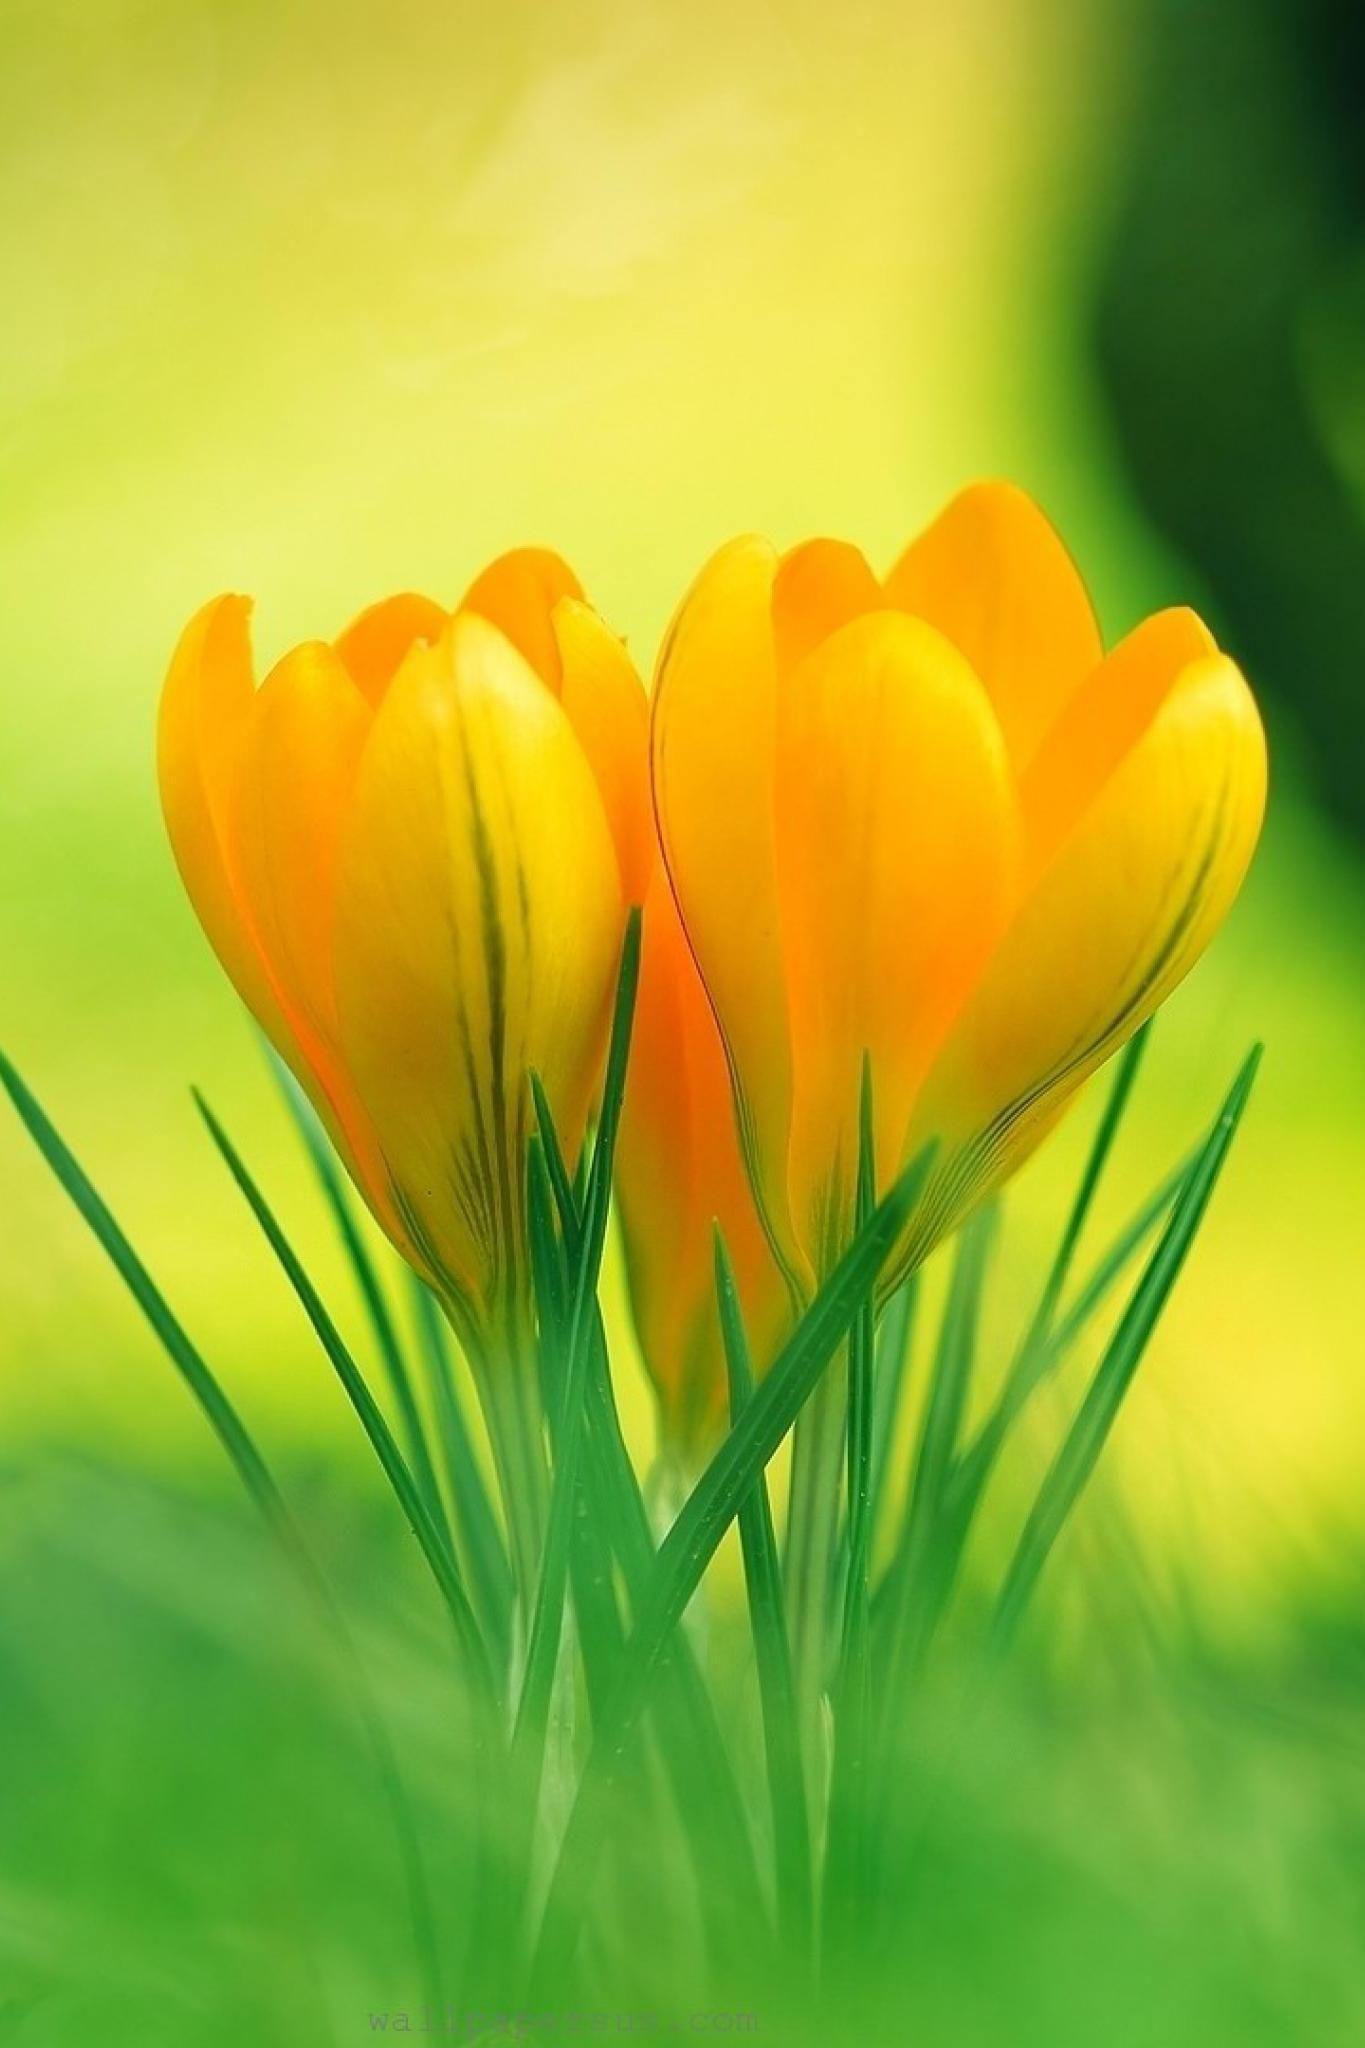 Hd Wallpaper Yellow Flower Crocus Flower Yellow Crocus Flower